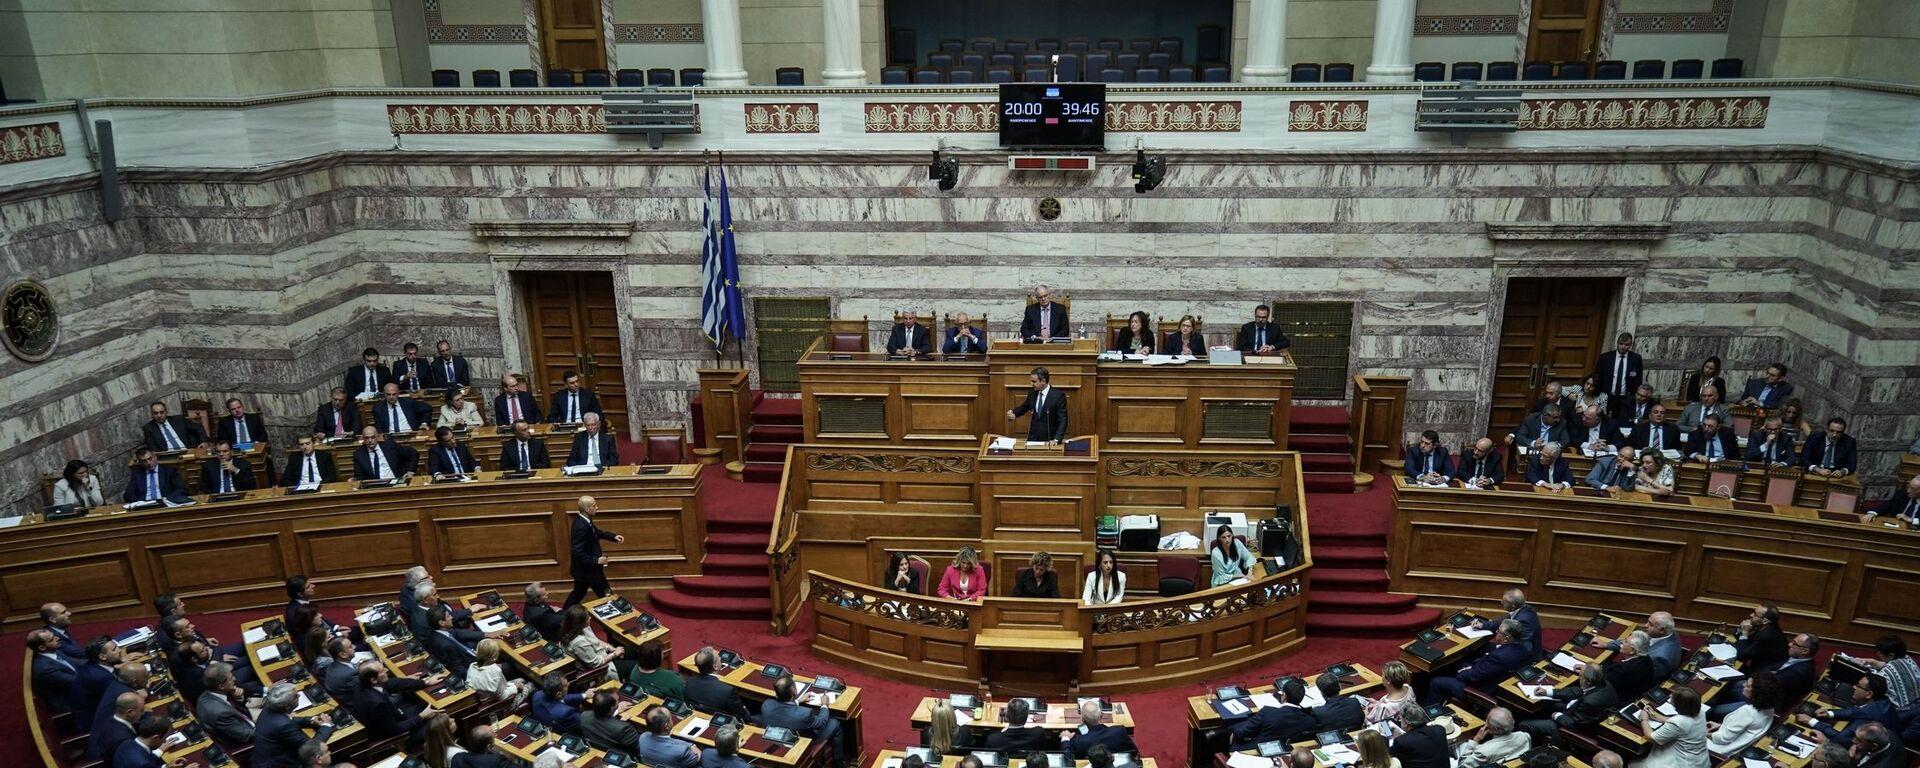 Ολομέλεια της Βουλής - Sputnik Ελλάδα, 1920, 07.10.2021